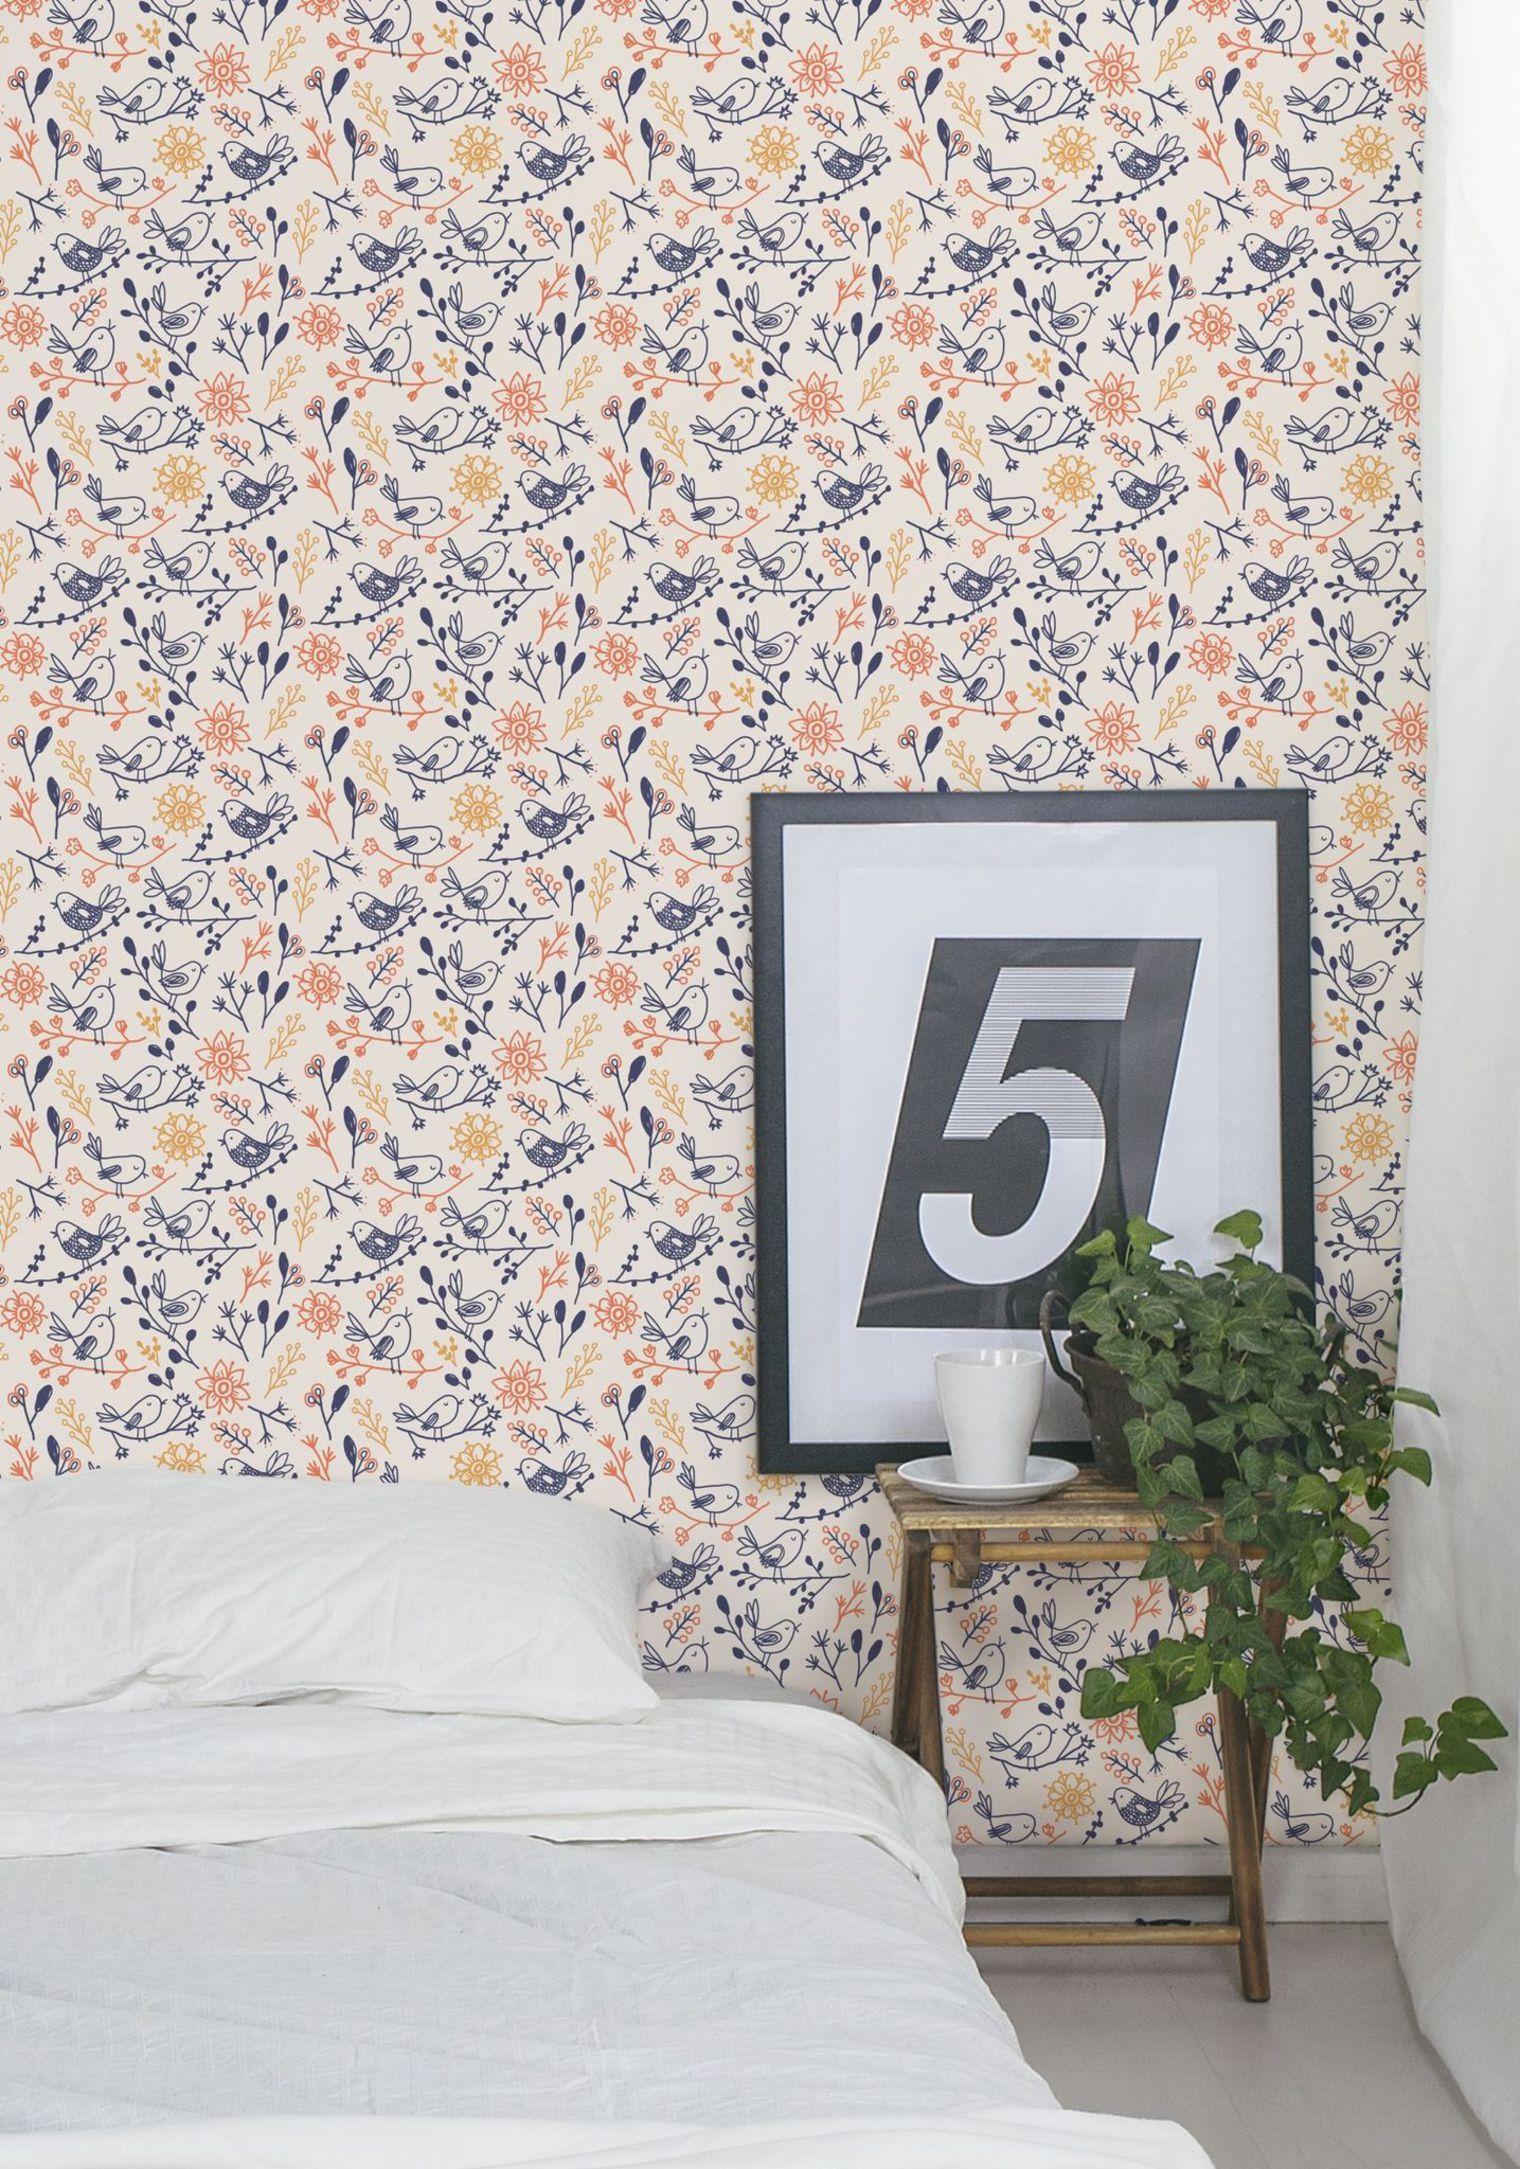 Modèles De Papier Peint Qui Changeront Radicalement Votre Déco - Papier peint romantique chambre